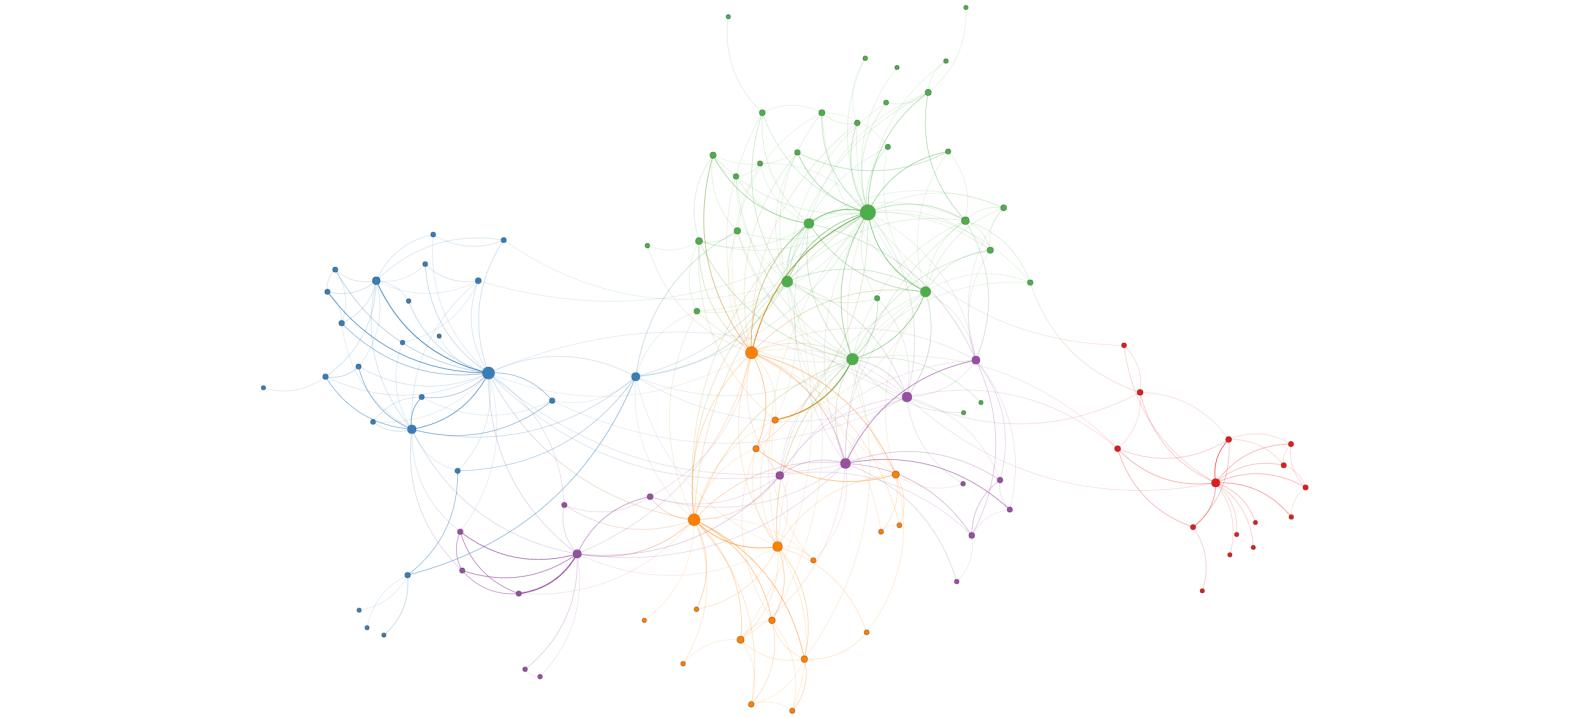 Network Analytics on HR Data